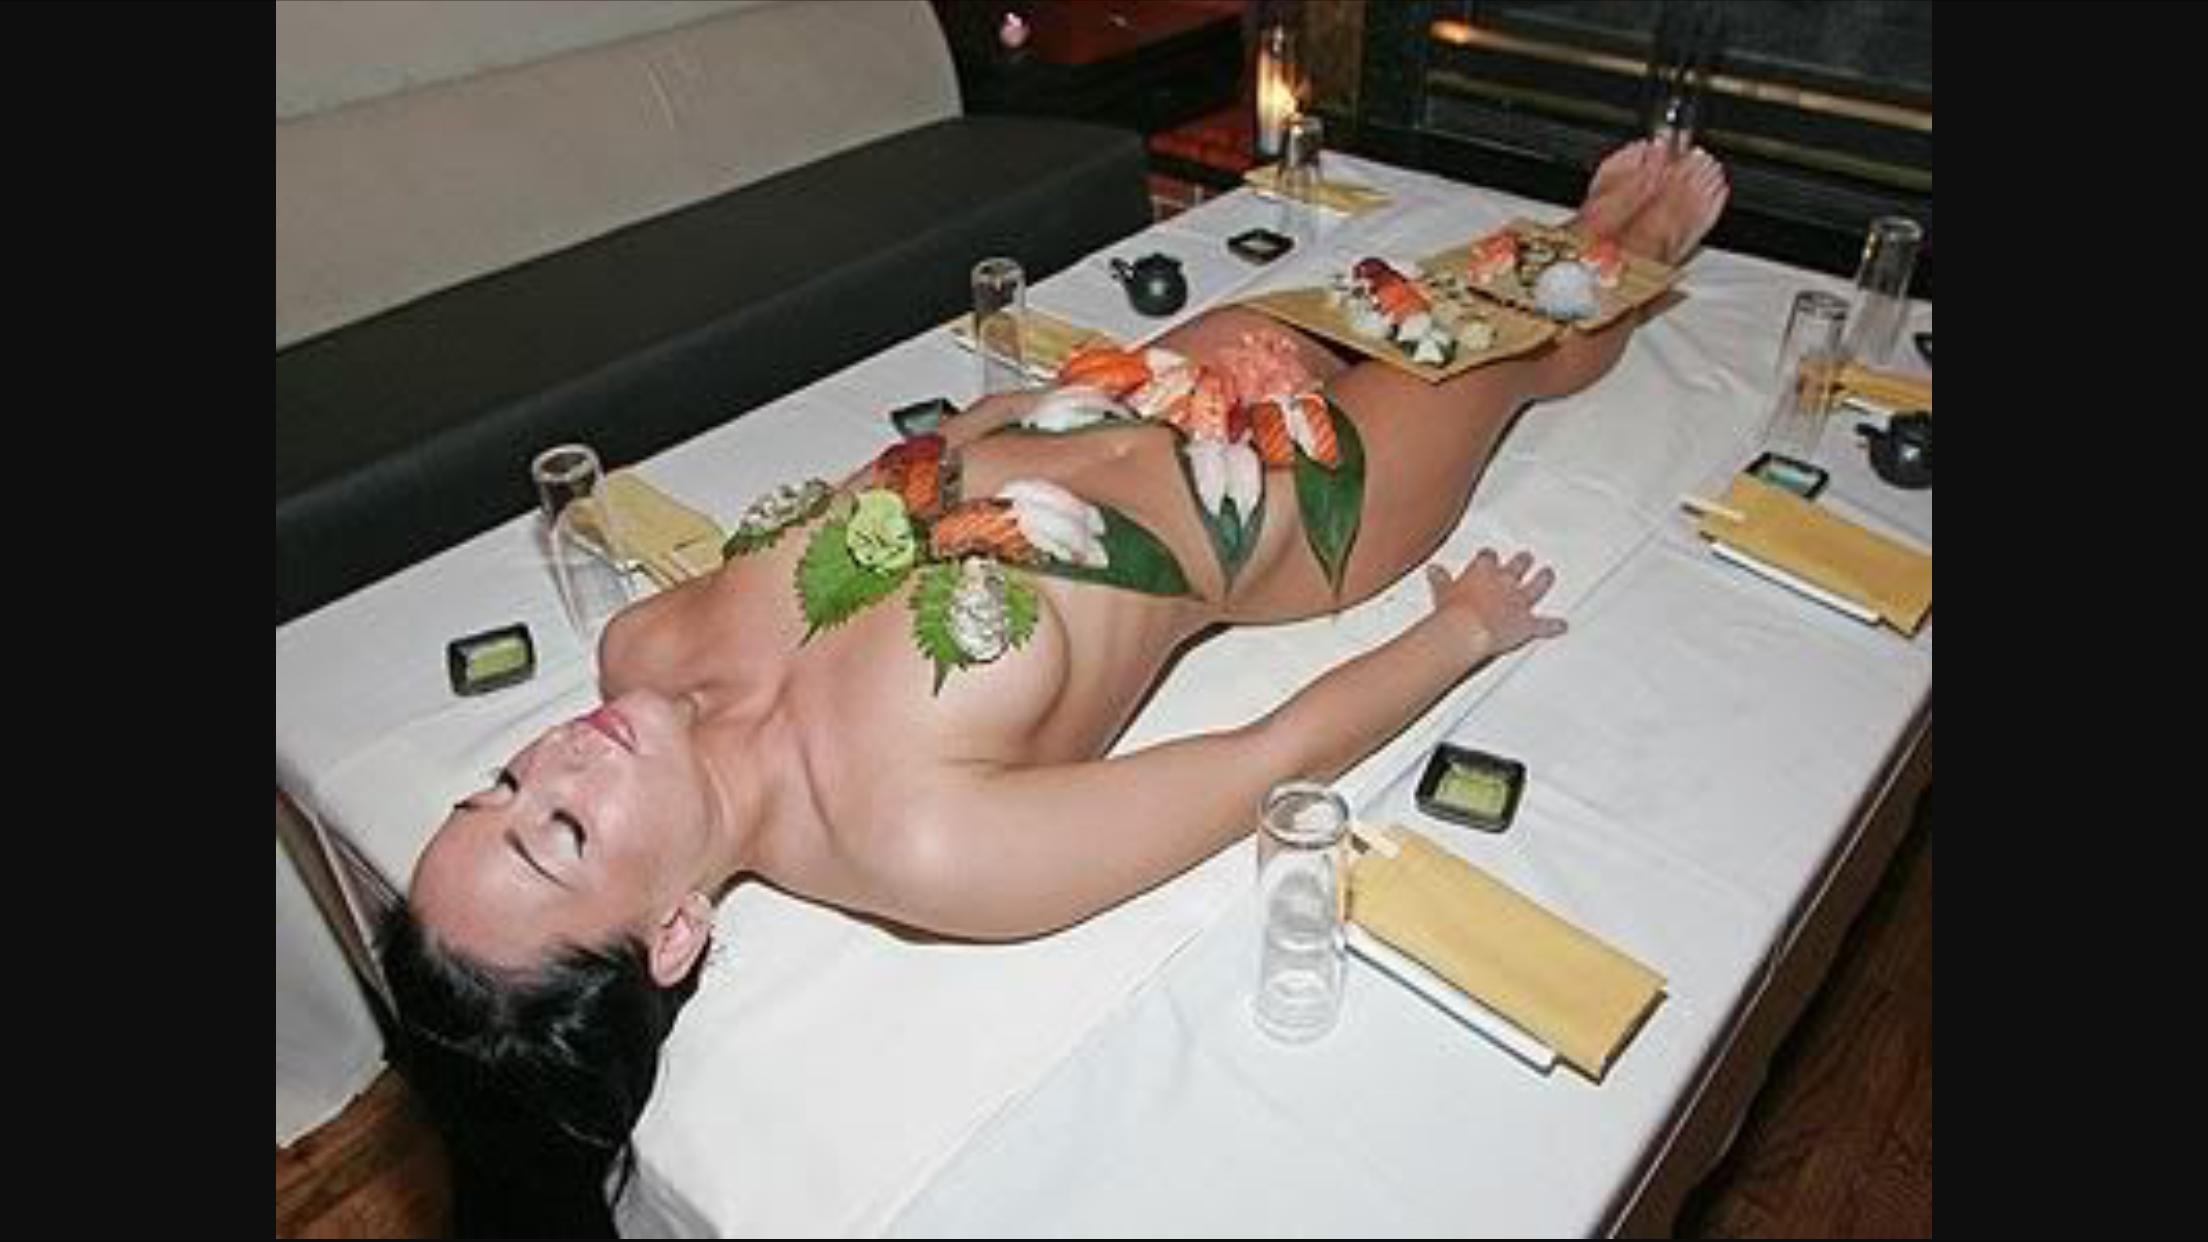 Photobucket Naked Awesome pinj jeffreys on naked sushi | pinterest